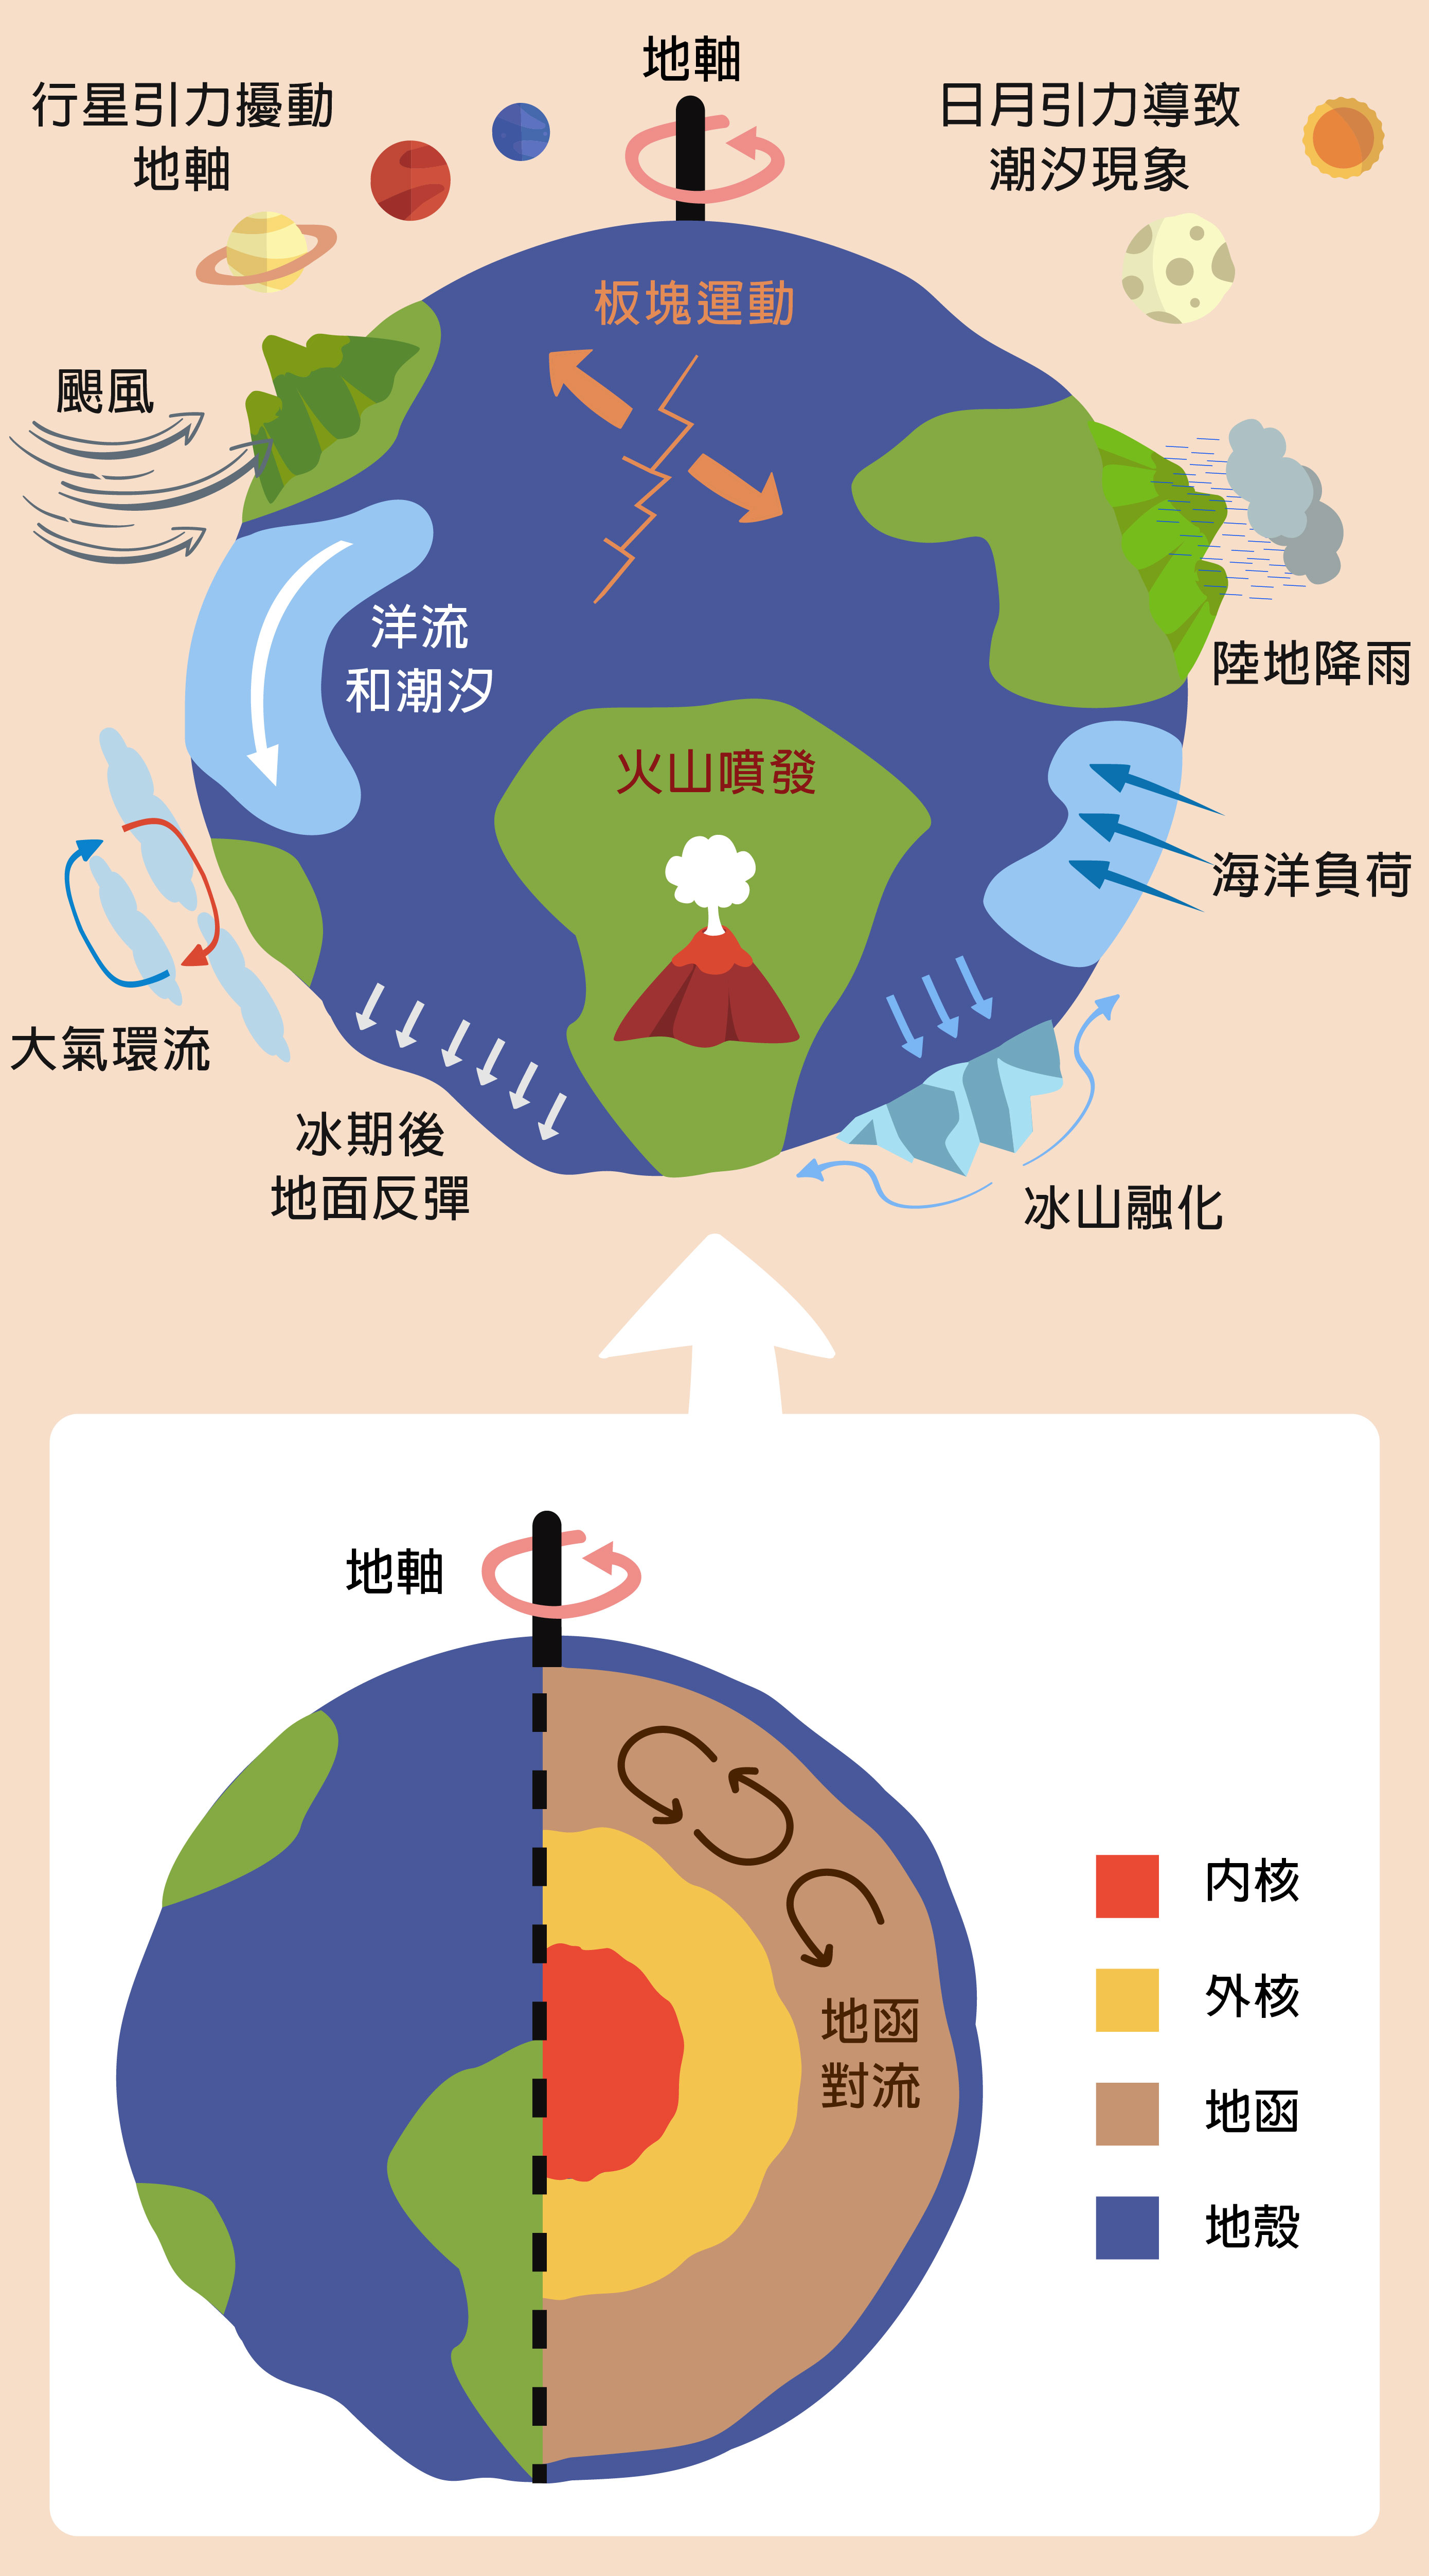 地球不是一整塊死板板的剛體,大氣環流、海洋洋流、地函對流、巨大地震、冰河融化......地球無時不刻不變化,影響自轉速度和地軸方向。尤其當大氣、海洋、地函對流方向等等發生改變,因為角動量守恆,地球自轉就會忽快忽慢。資料來源 │趙丰 圖片重製 │林洵安